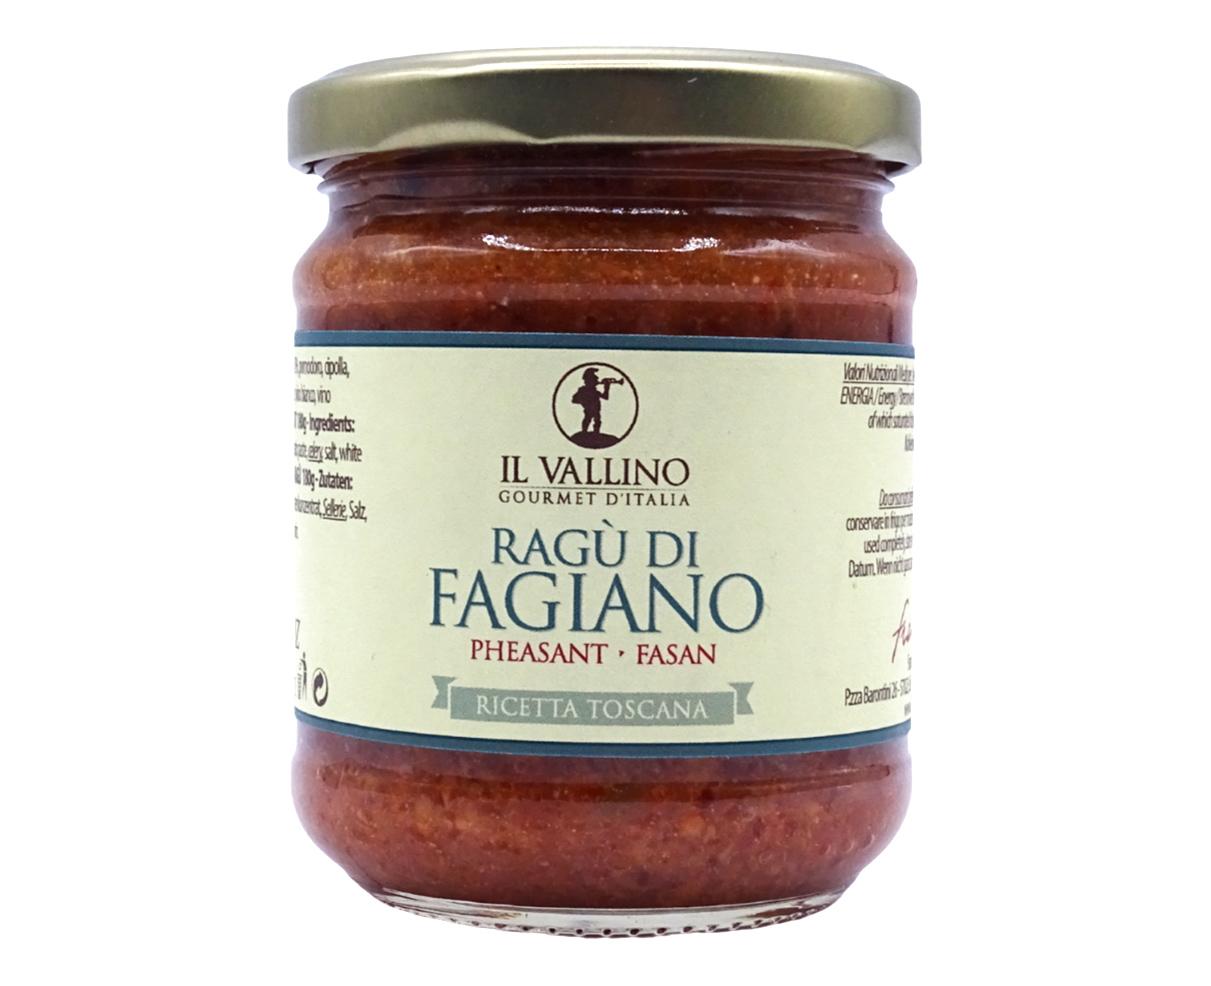 Ragù di fagiano Il Vallino 180gr